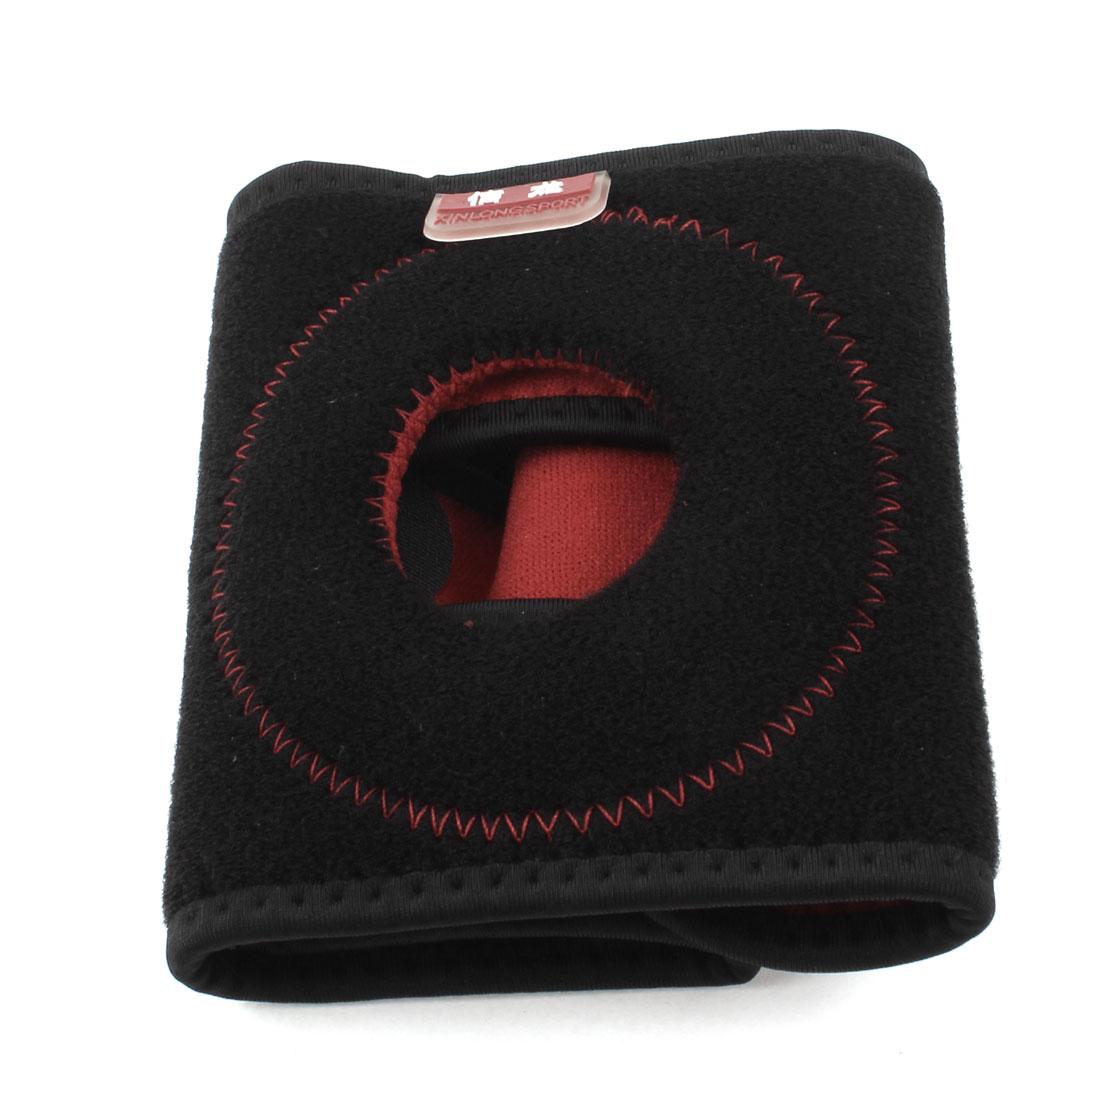 Hook Loop Fastener Closure Detachable Neoprene Elastic Knee Support Red Black